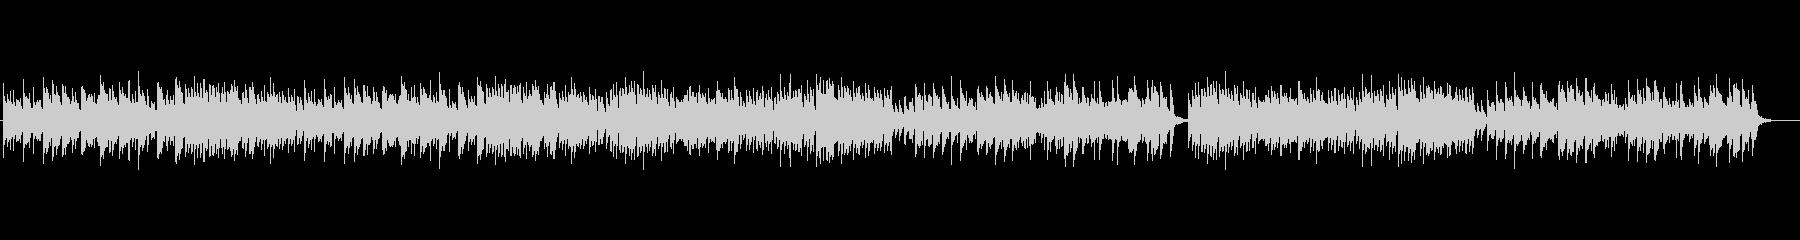 クラシックピアノ、チェルニーNo.15の未再生の波形